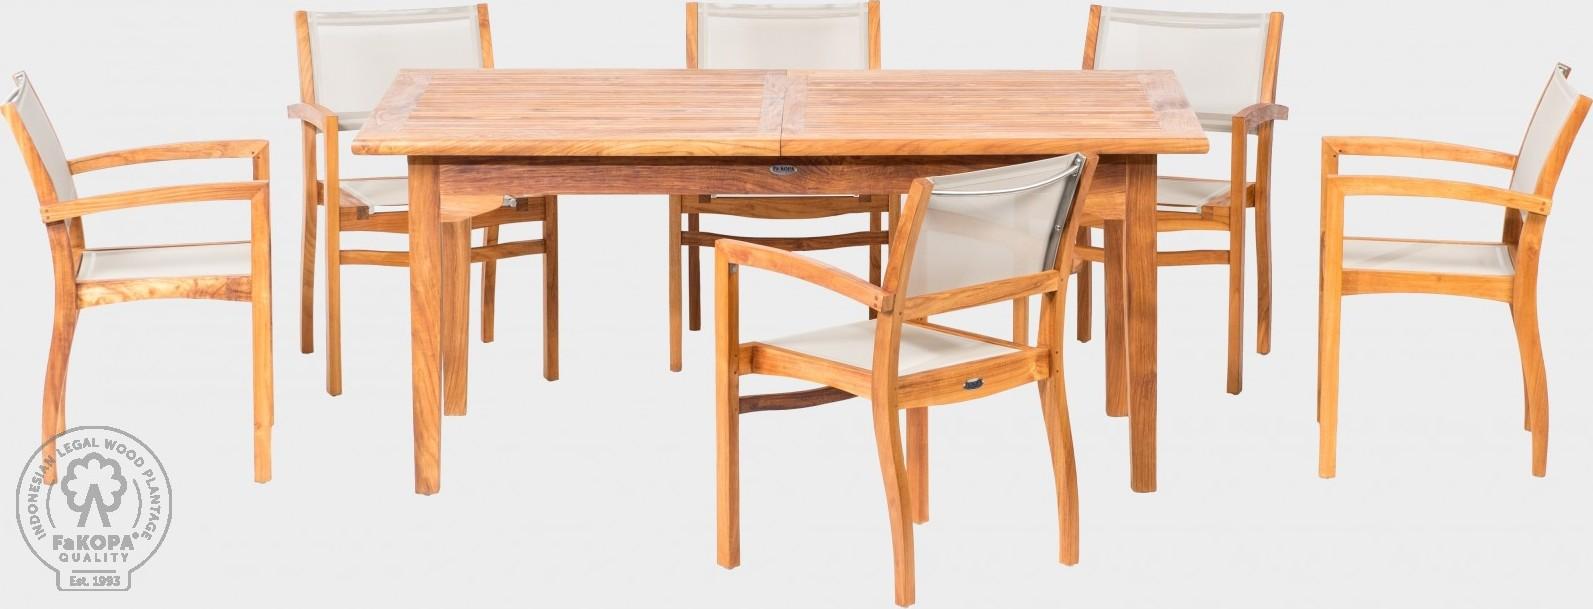 FaKOPA Venkovní sezení 6x křeslo stůl masivní teak Valeriya